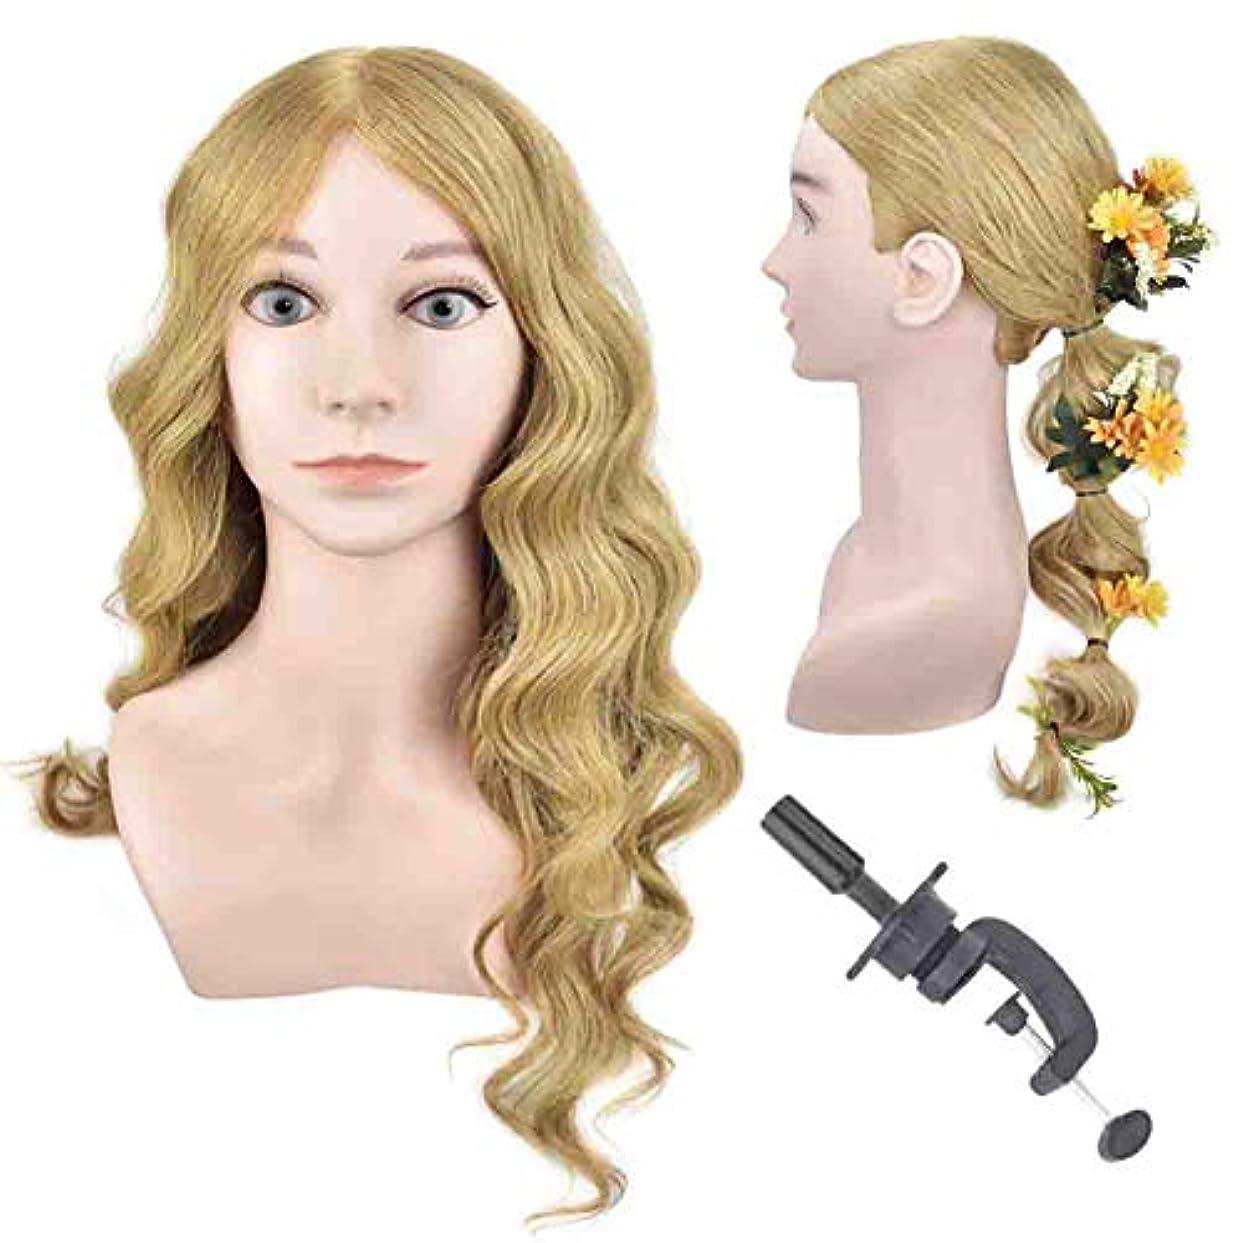 深いファイター雪だるま編んだ髪のヘッドモデル本物の人間の髪のスタイルの学習モデルヘッドサロンの学習は熱いと染めた髪のダミーの頭にすることができます